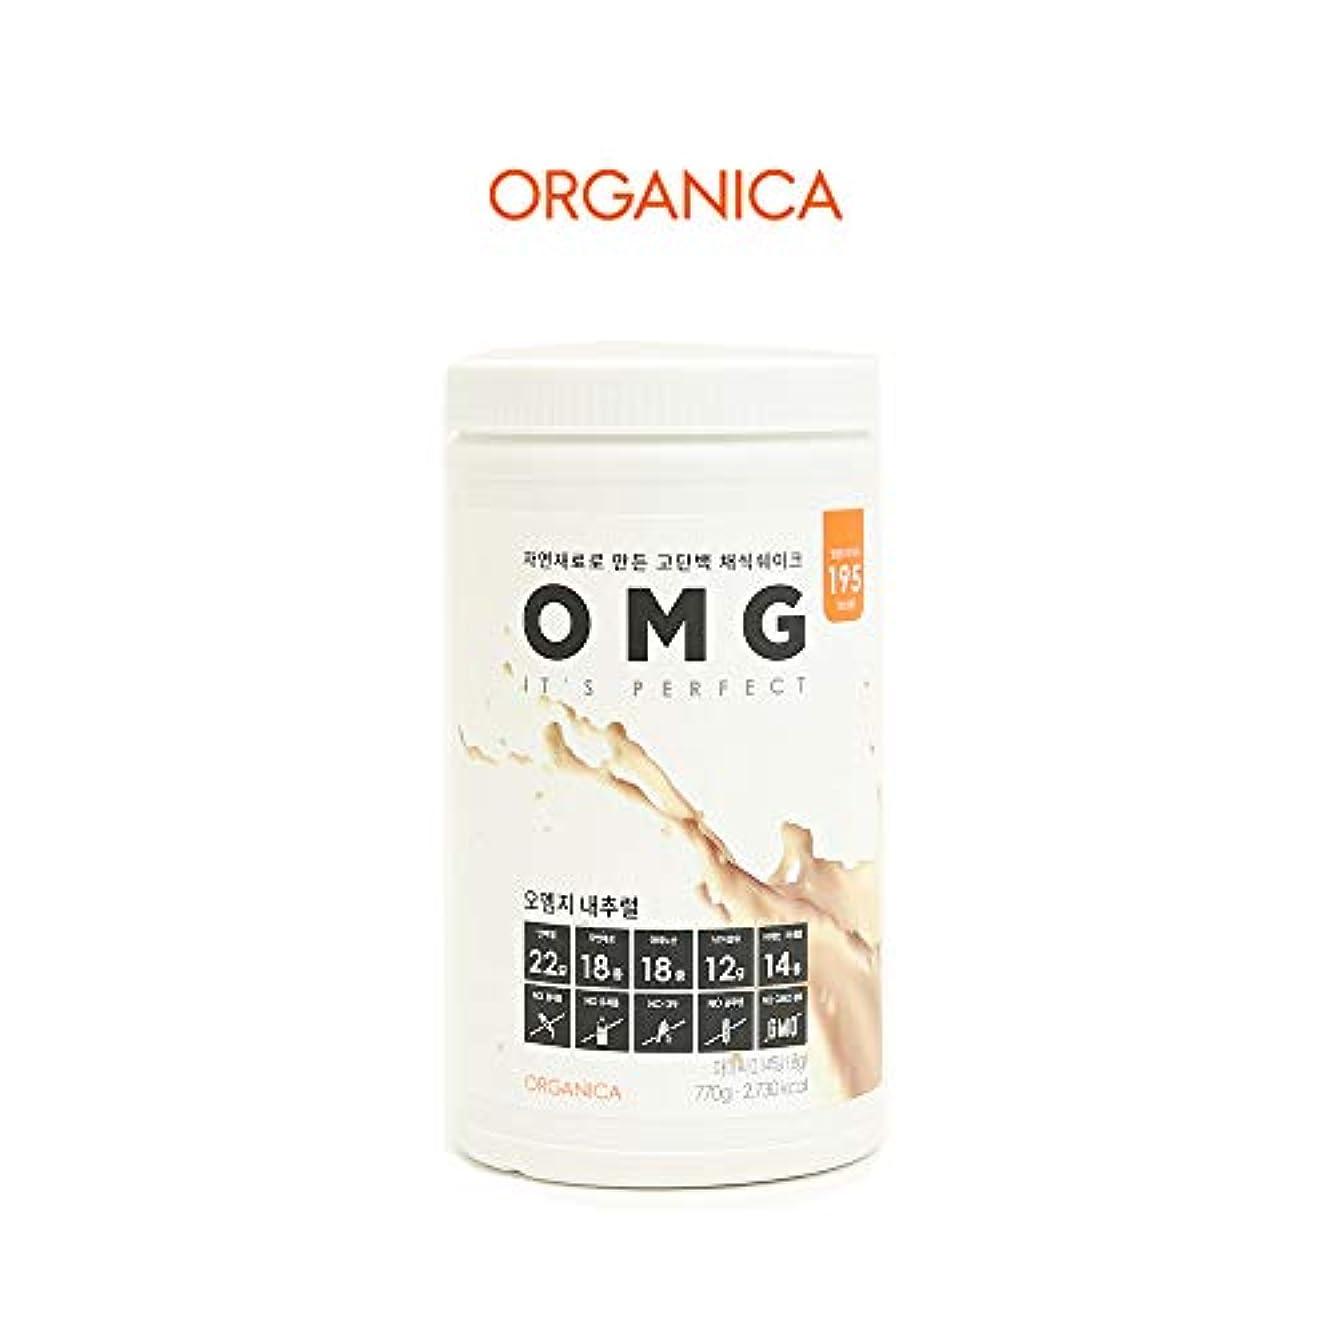 常習者する不健全オーエムジー タンパク質 ダイエット シェイク (OMG, protein shake) (ナチュラル)